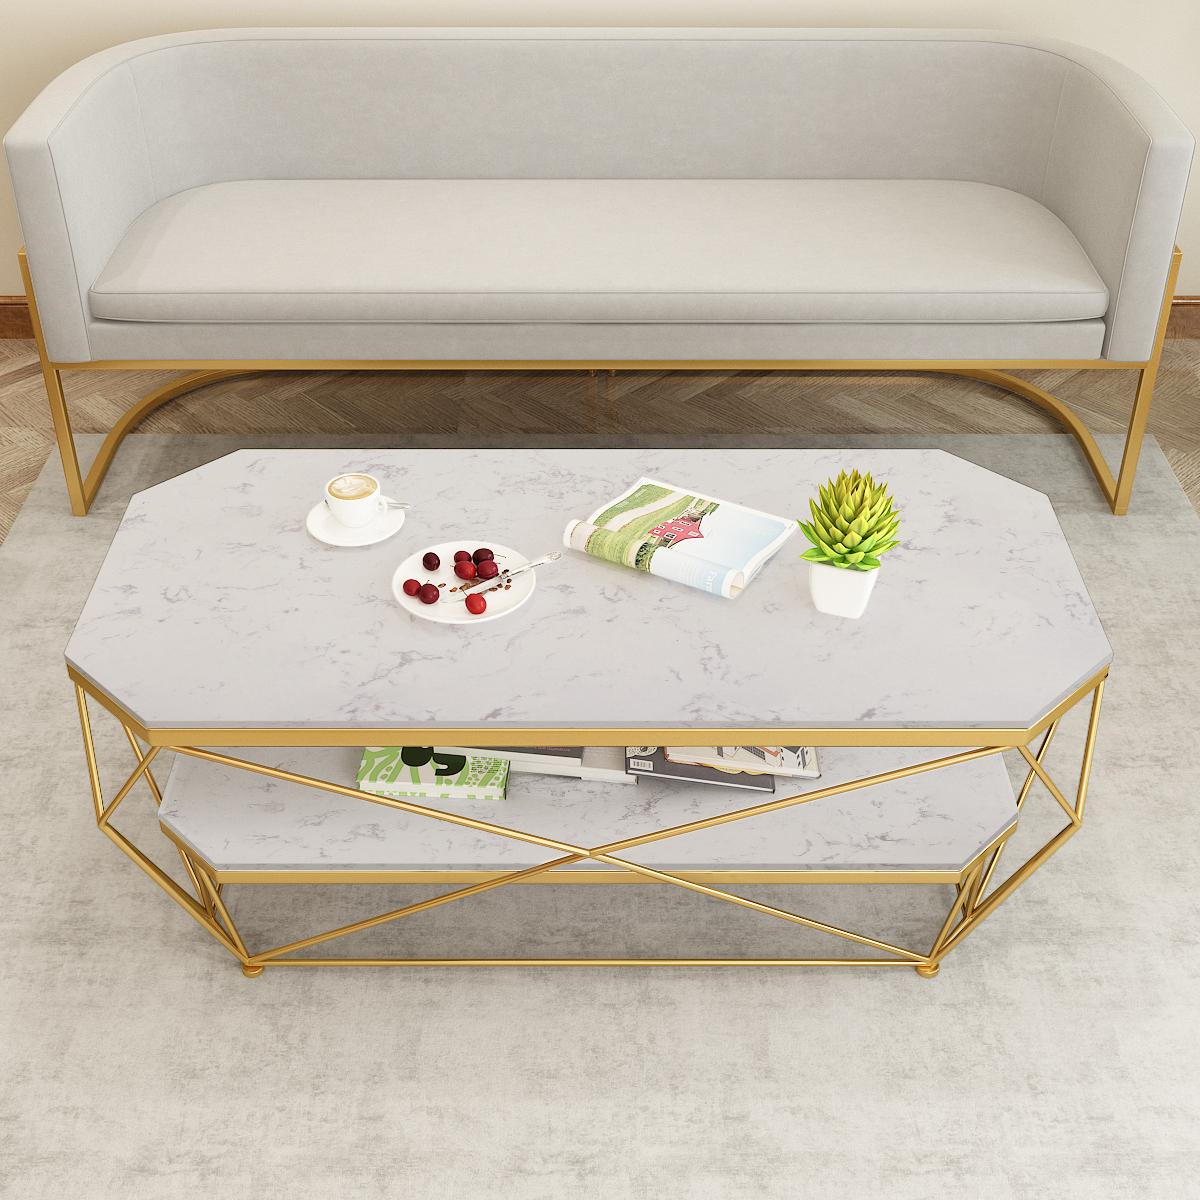 Оригинальная дизайнерская мебель Артикул 576983603021